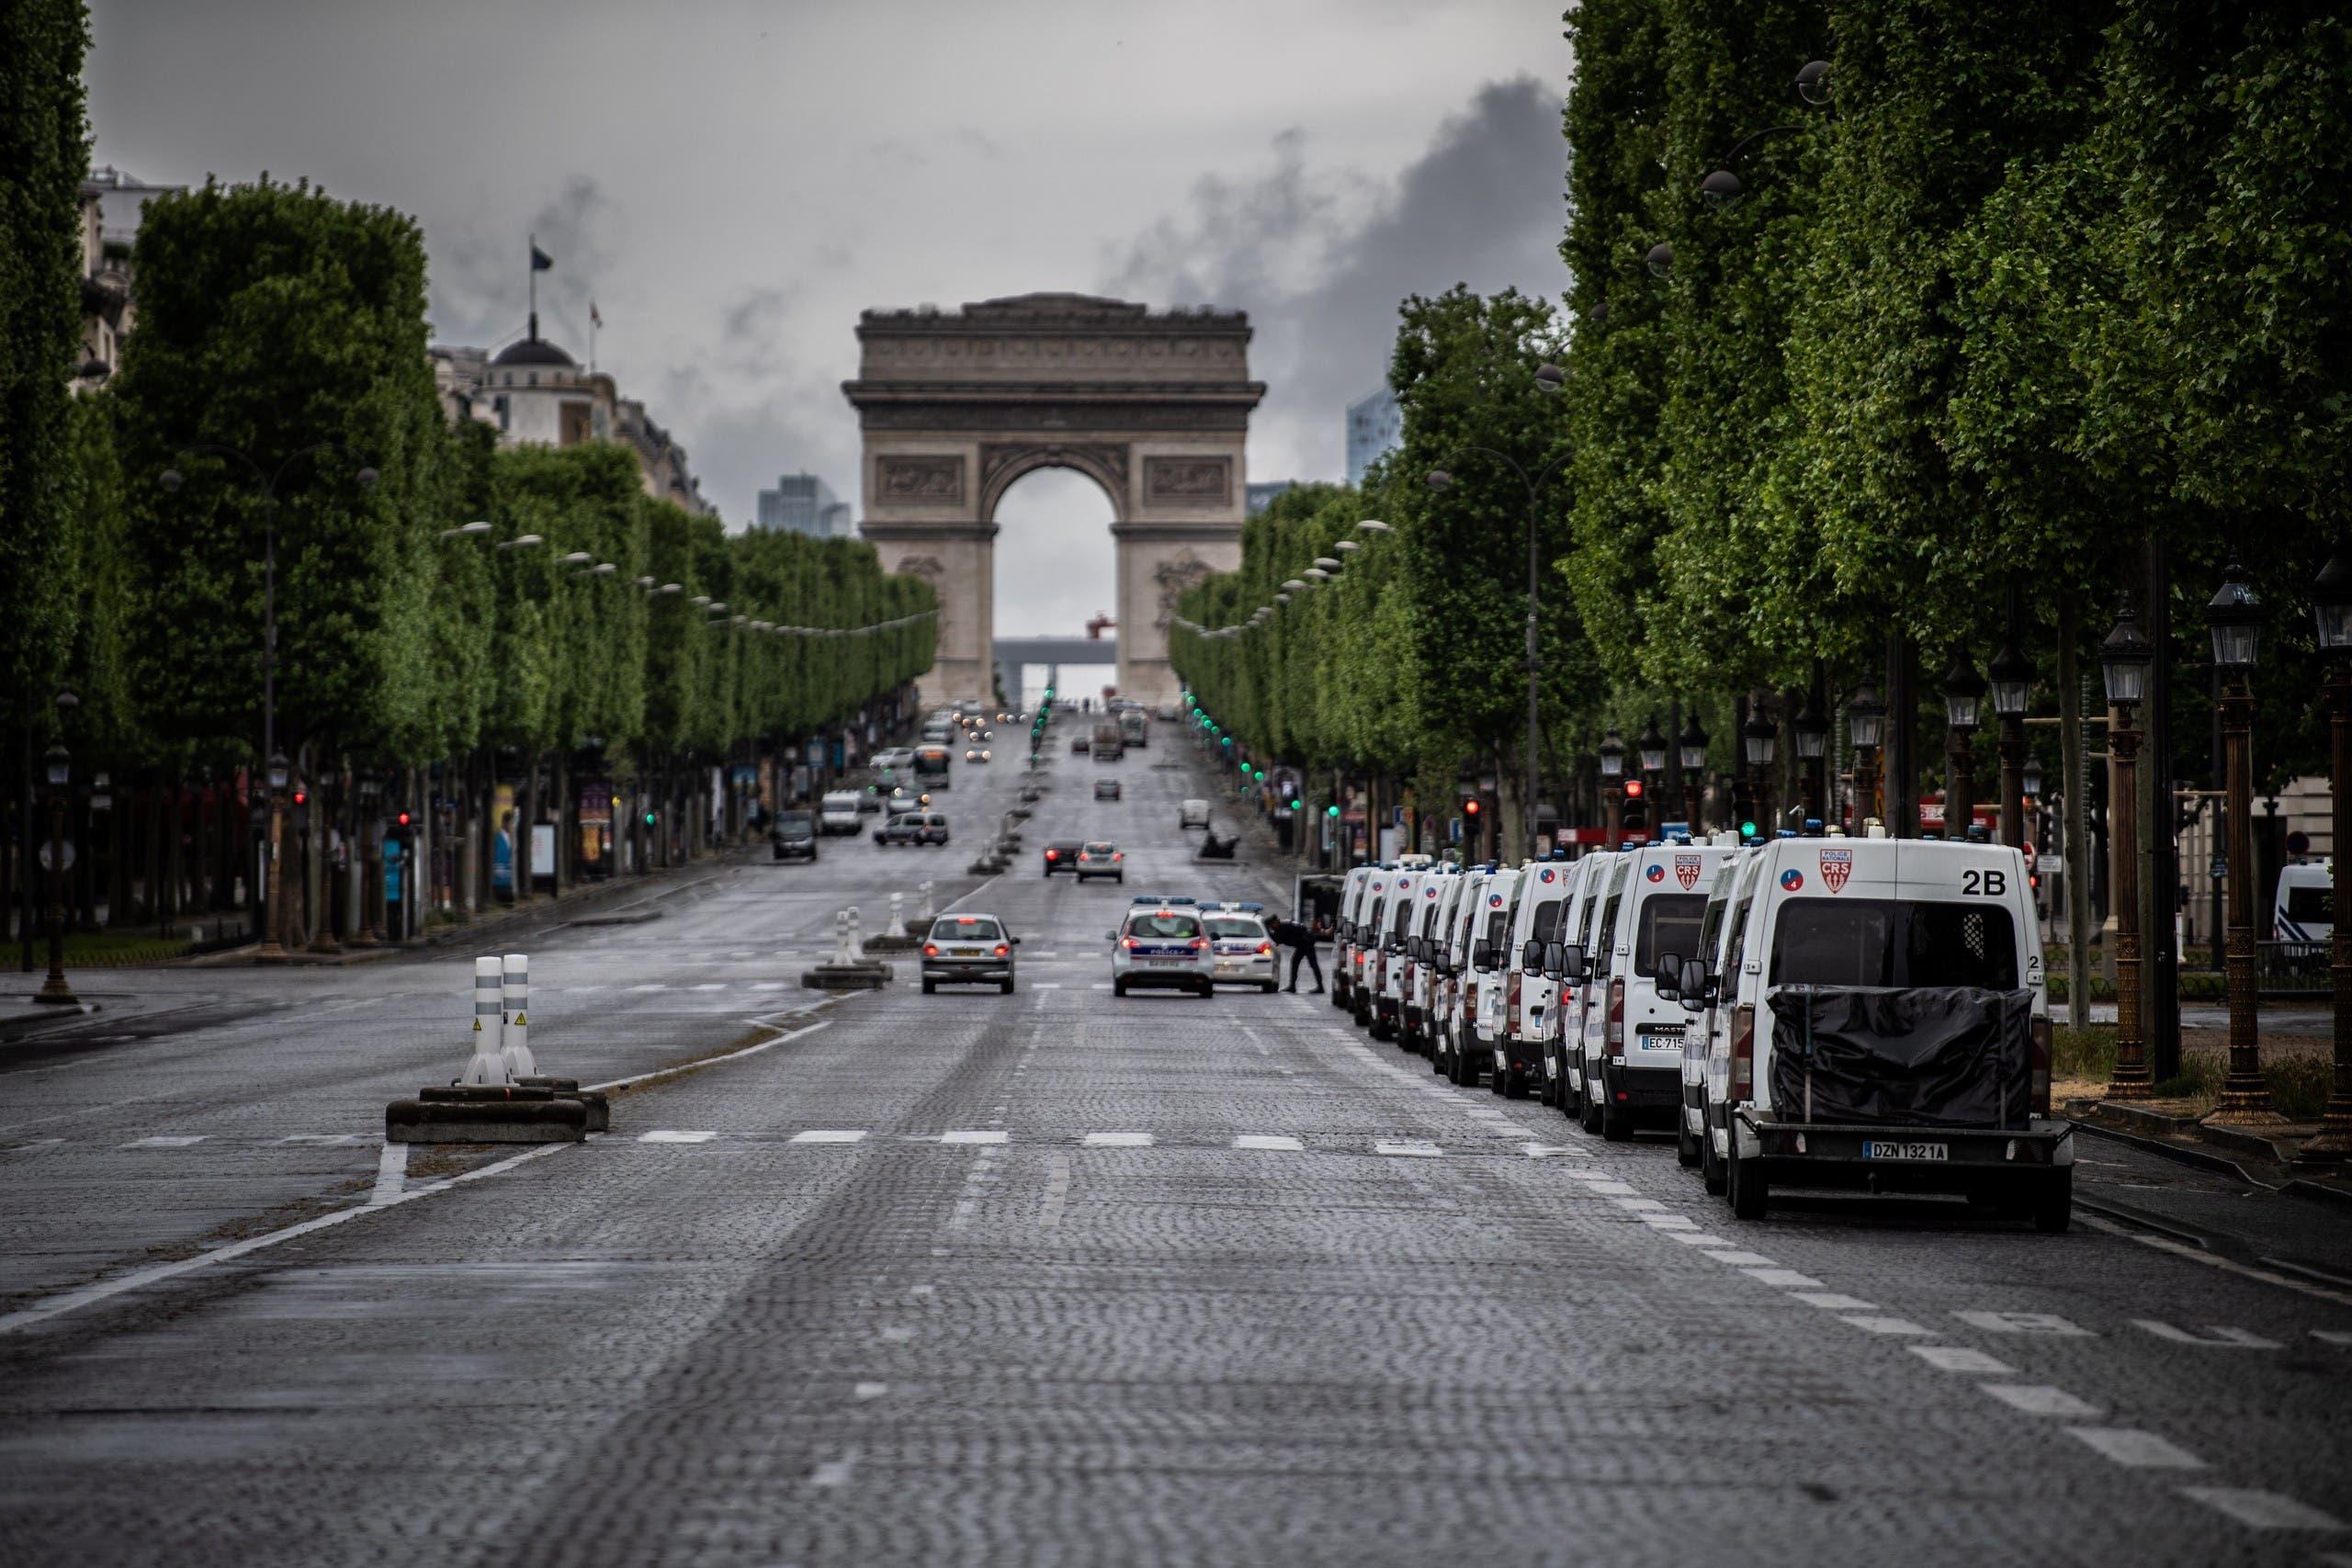 من شارع الشانزليزيه في باريس